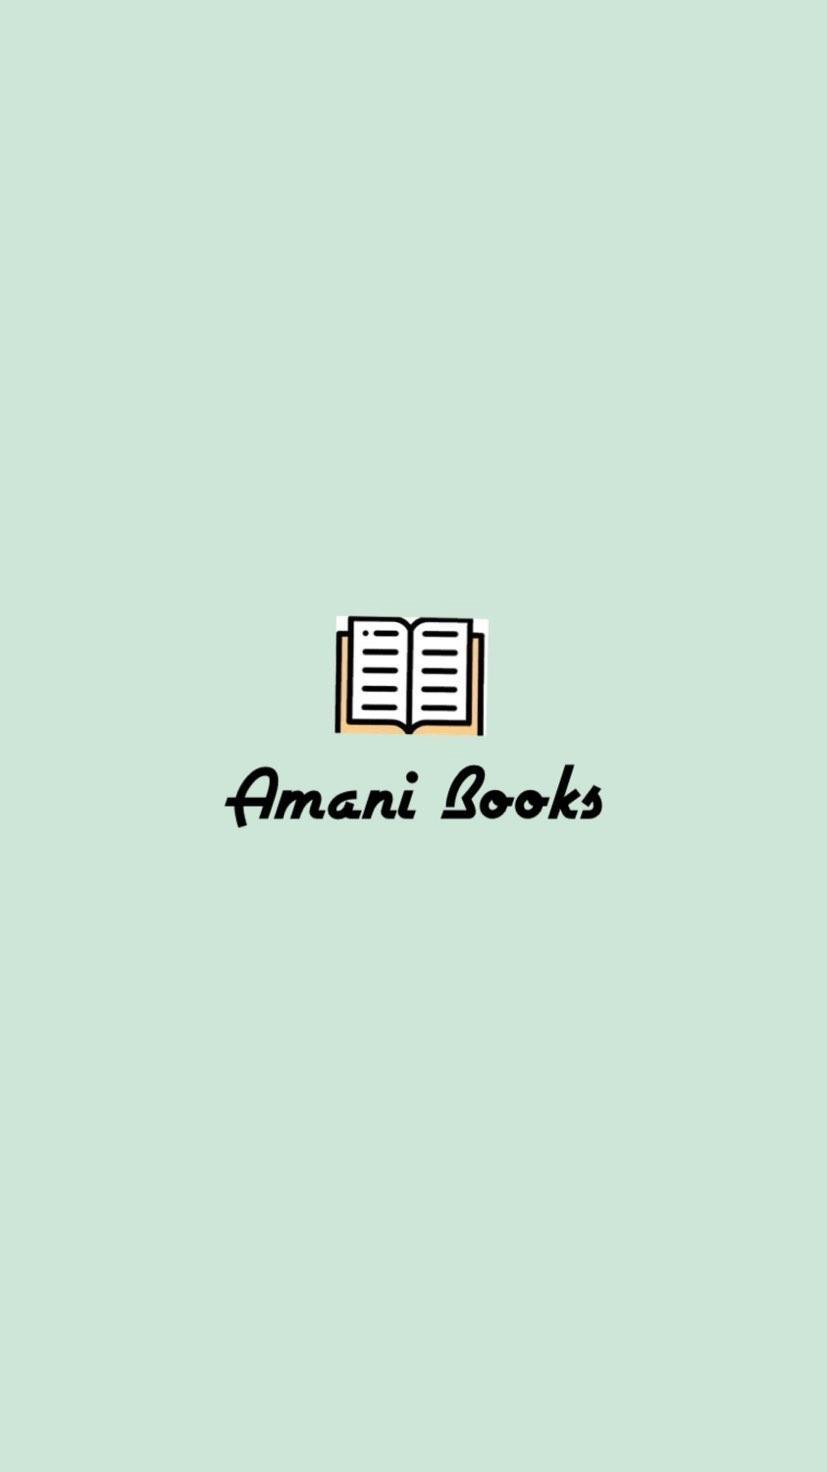 Amani Books